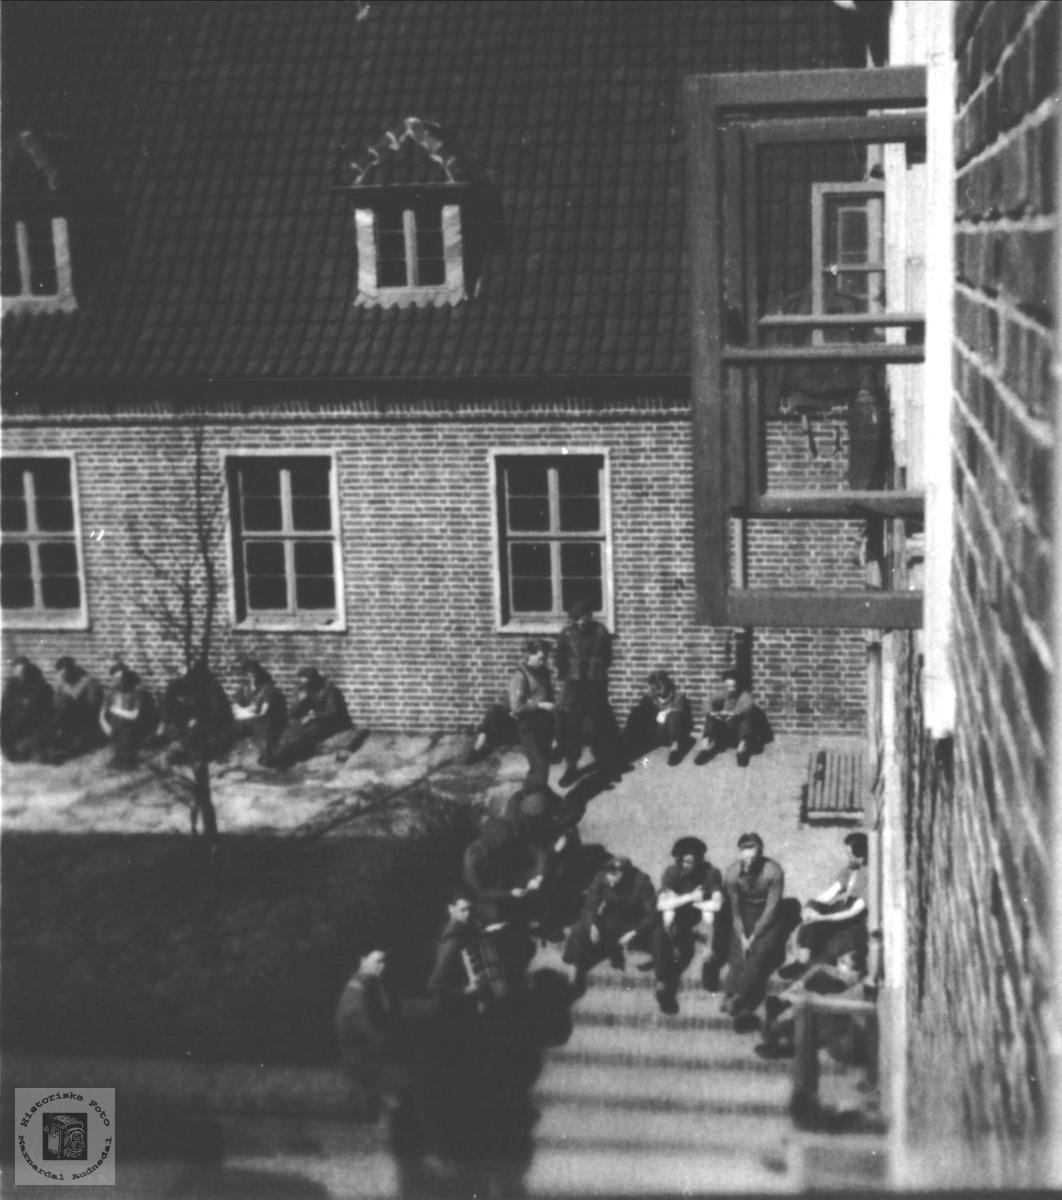 Hvil og røyk utenfor kasernan 1949, Tysklandsbrigaden.